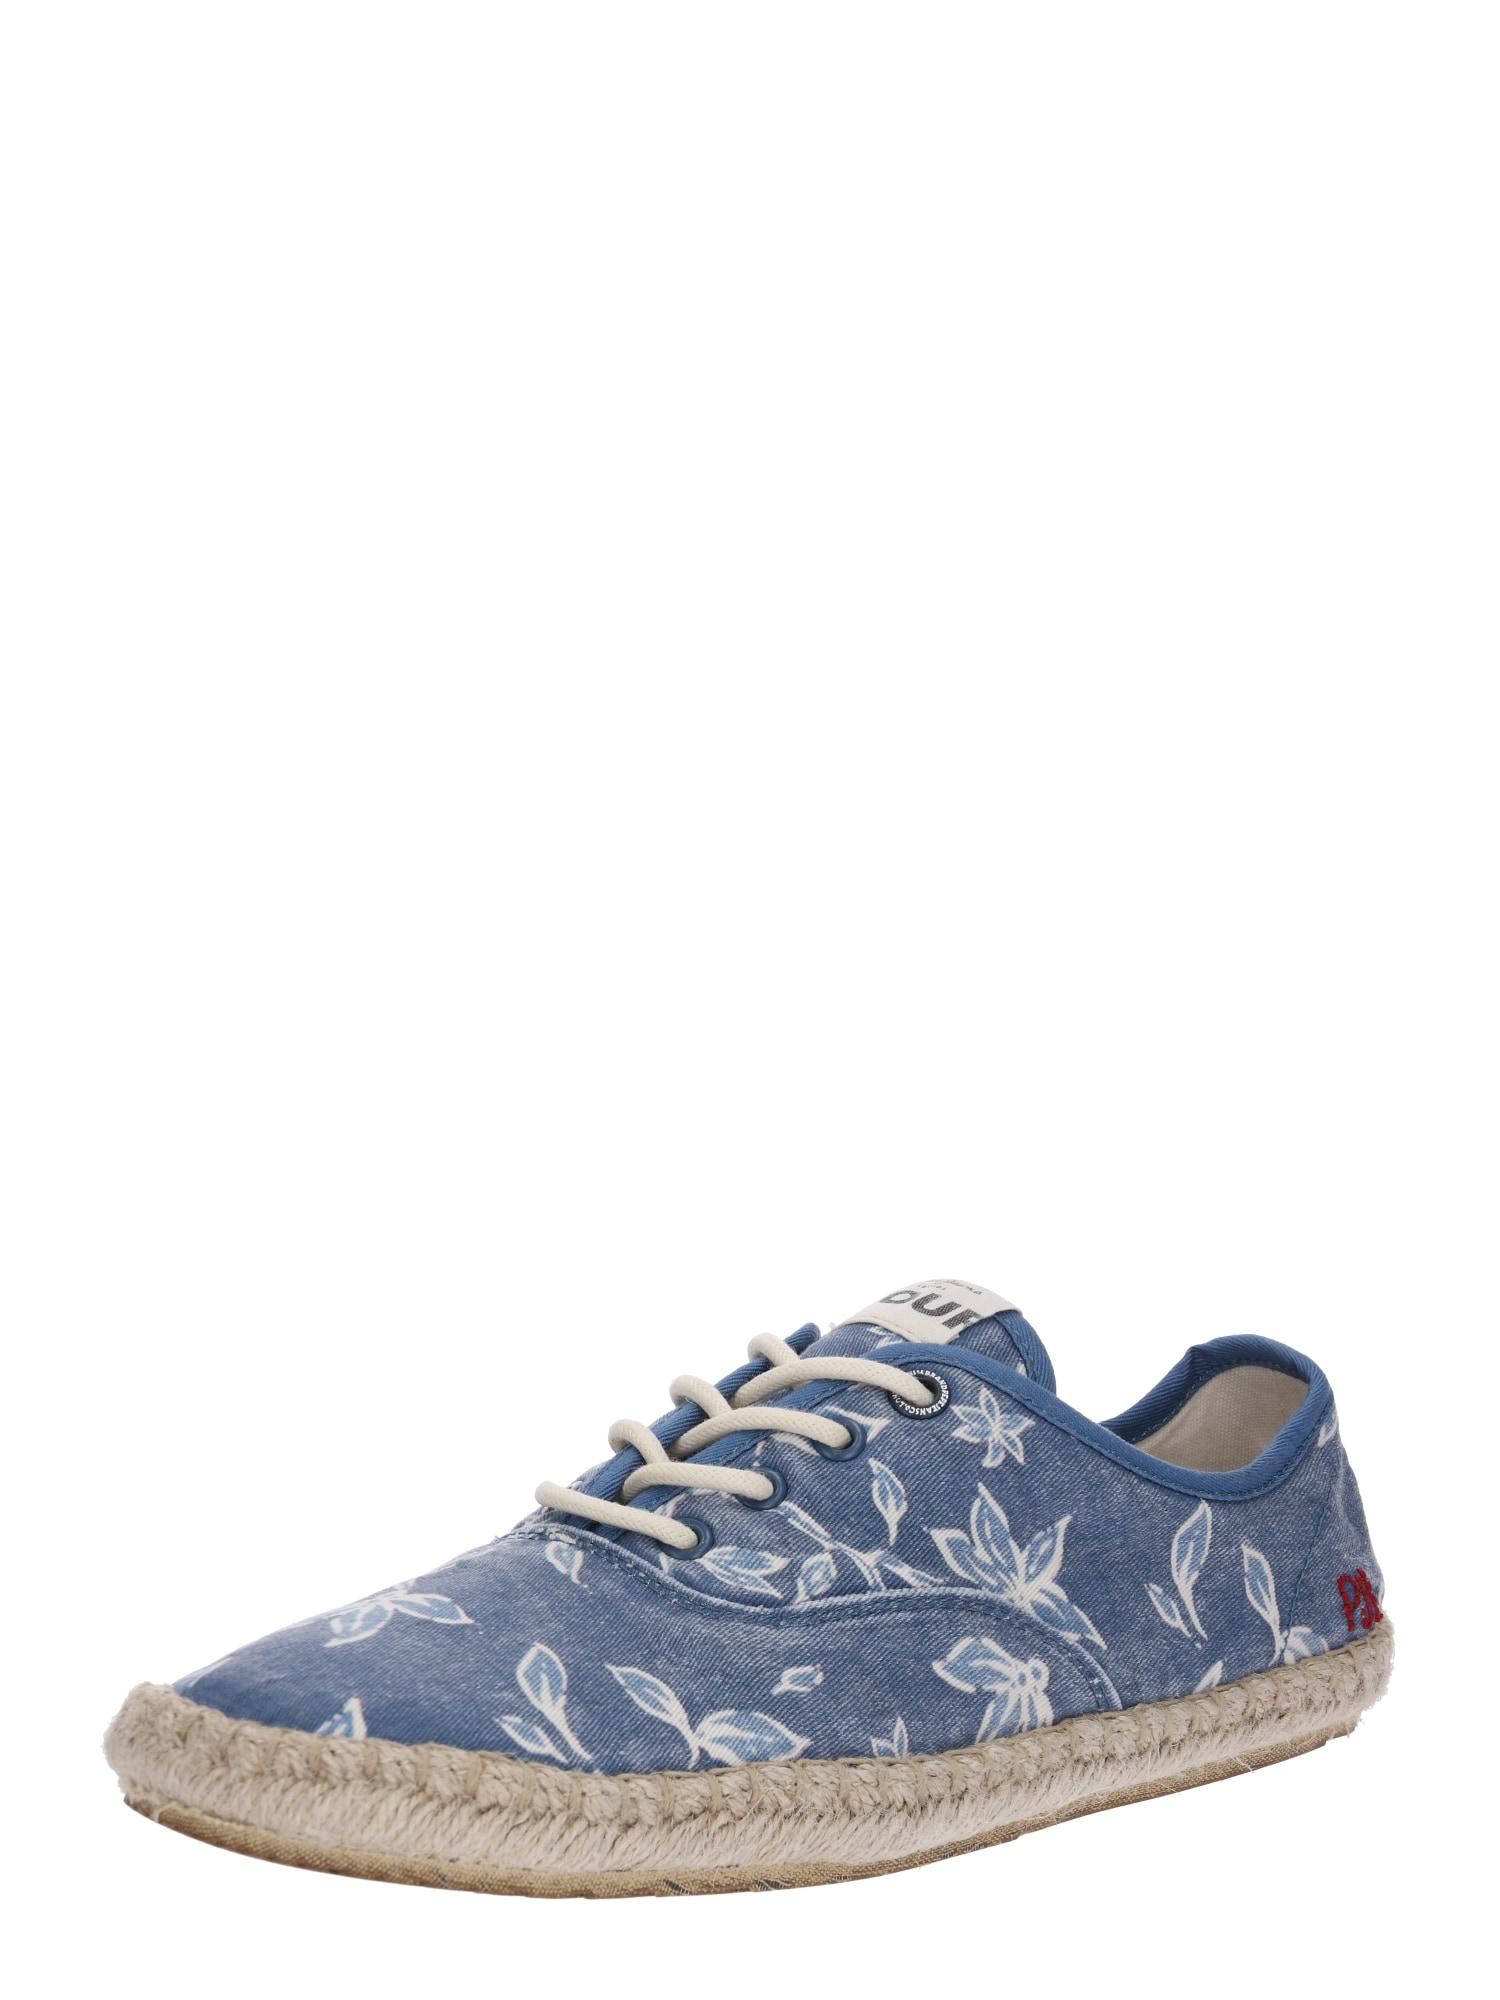 Šněrovací boty Tourist-Er Print nebeská modř Pepe Jeans